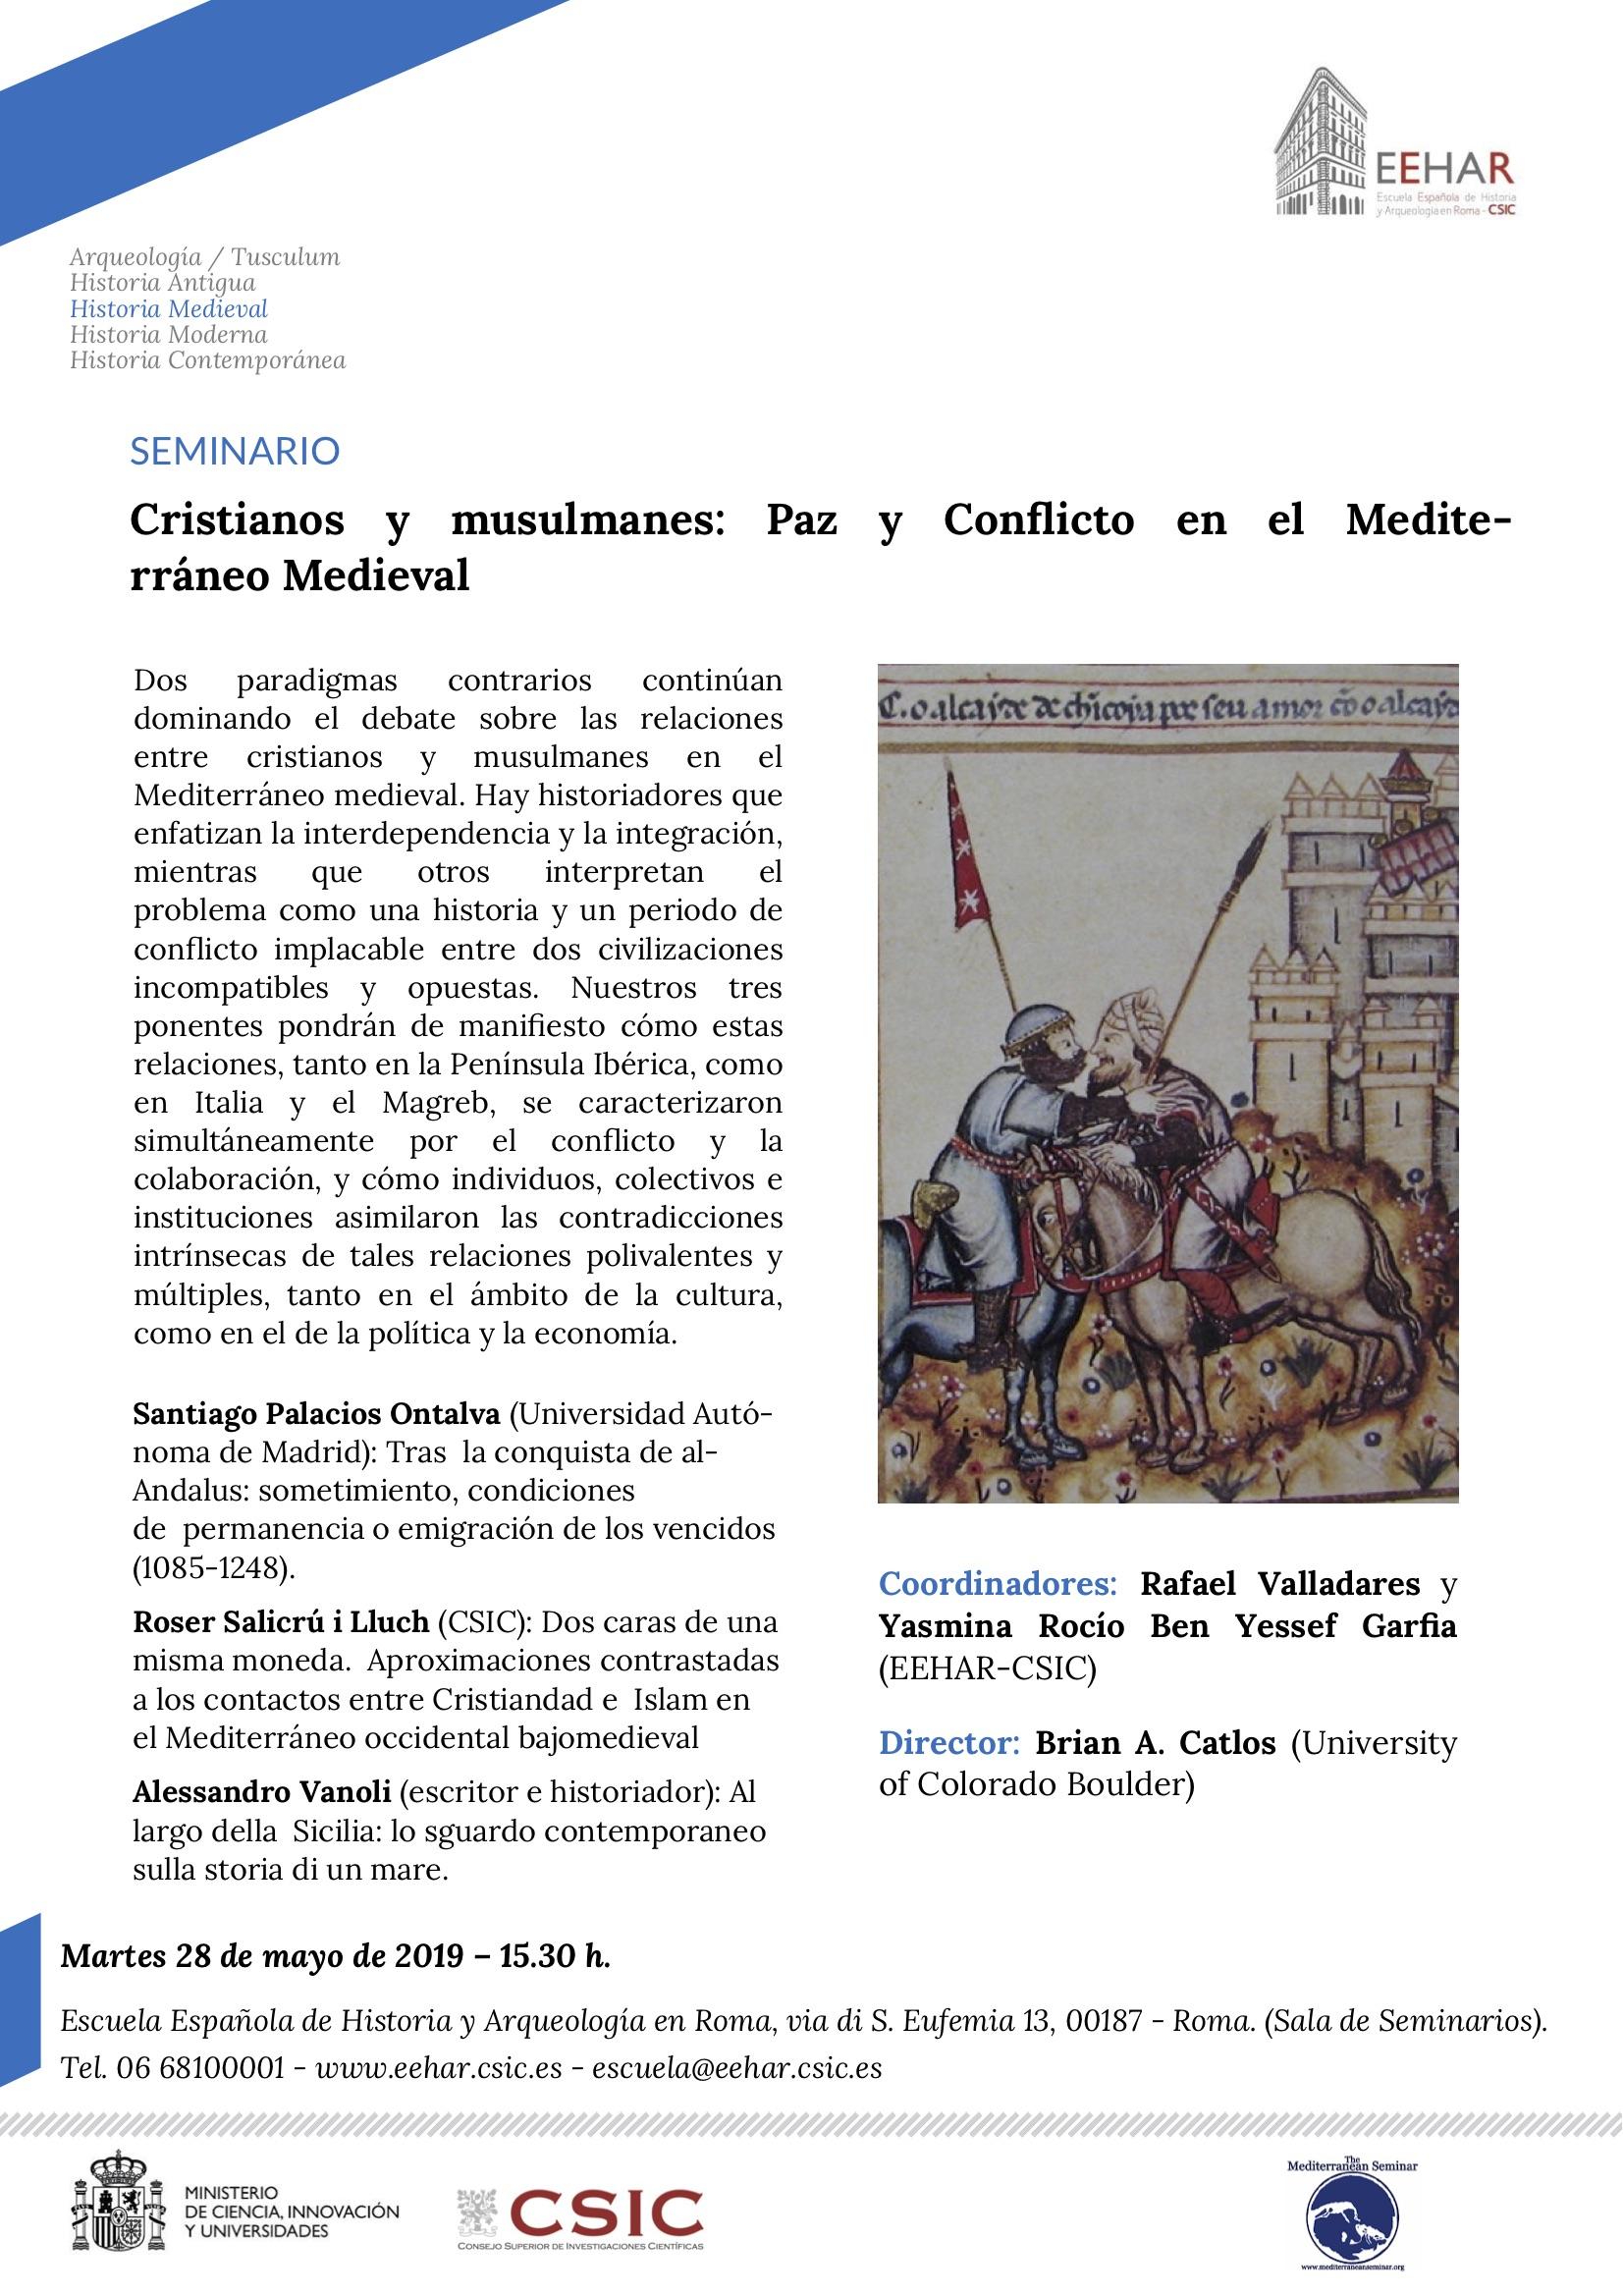 Cristianos y musulmanes: Paz y Conflicto en el Mediterráneo Medieval.jpg